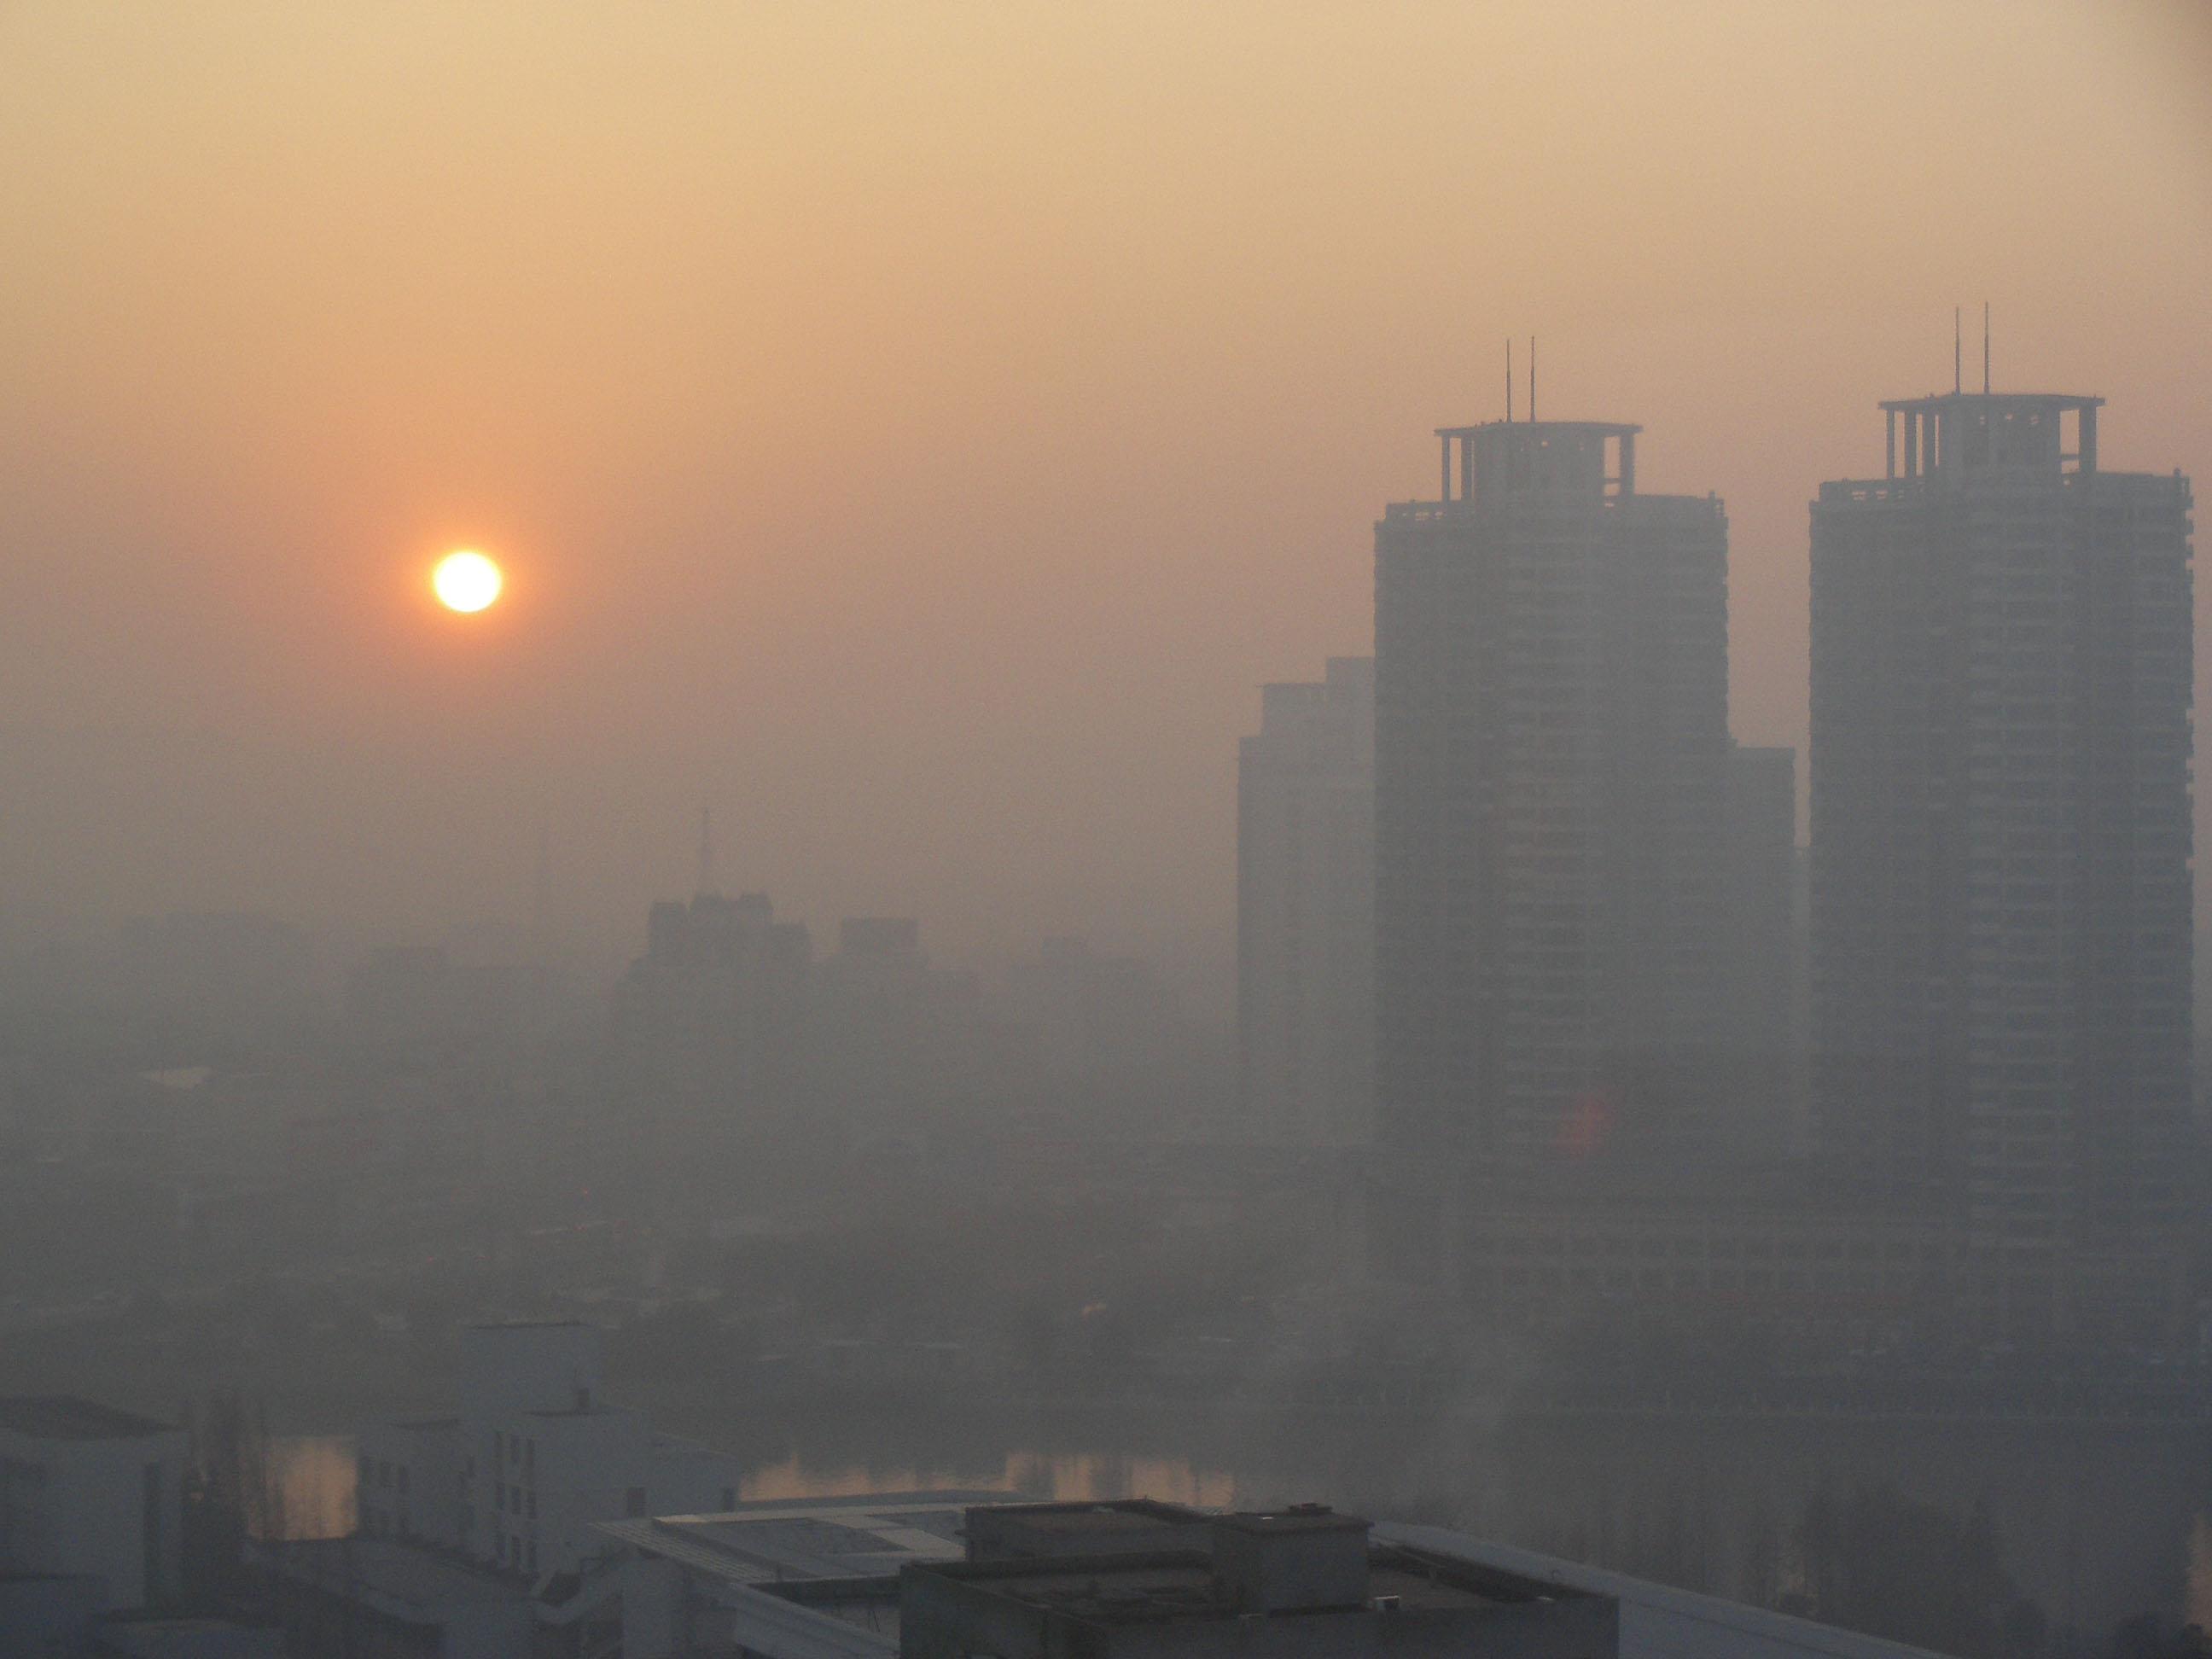 خرمآباد ۳٫۵ برابر حد مجاز آلوده است